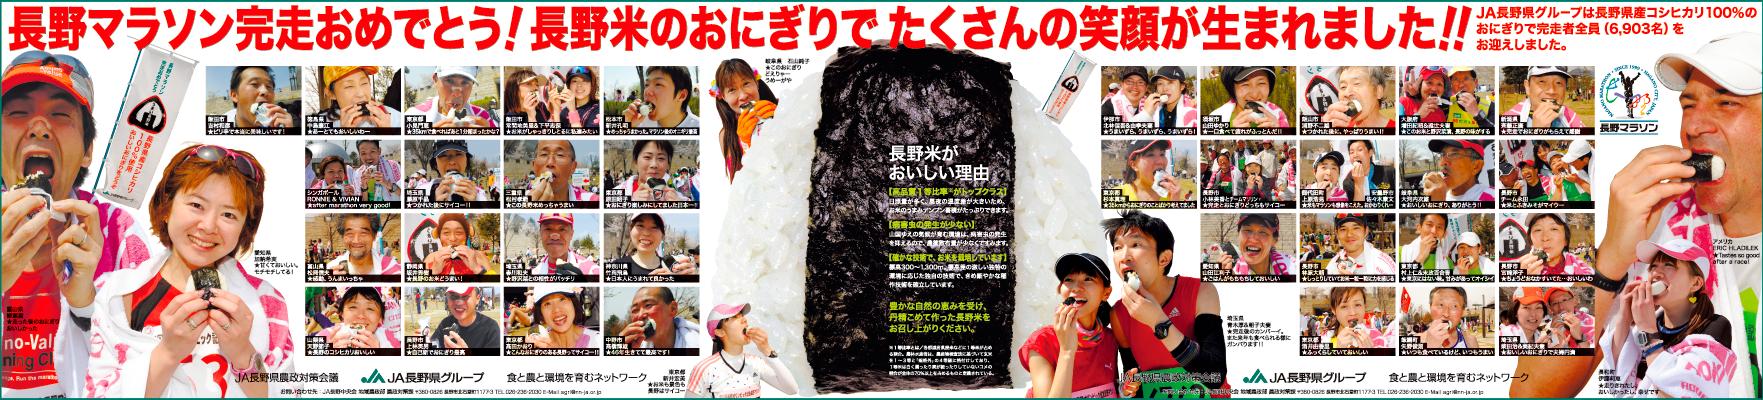 20111201-seed-onigiri5d5d.png